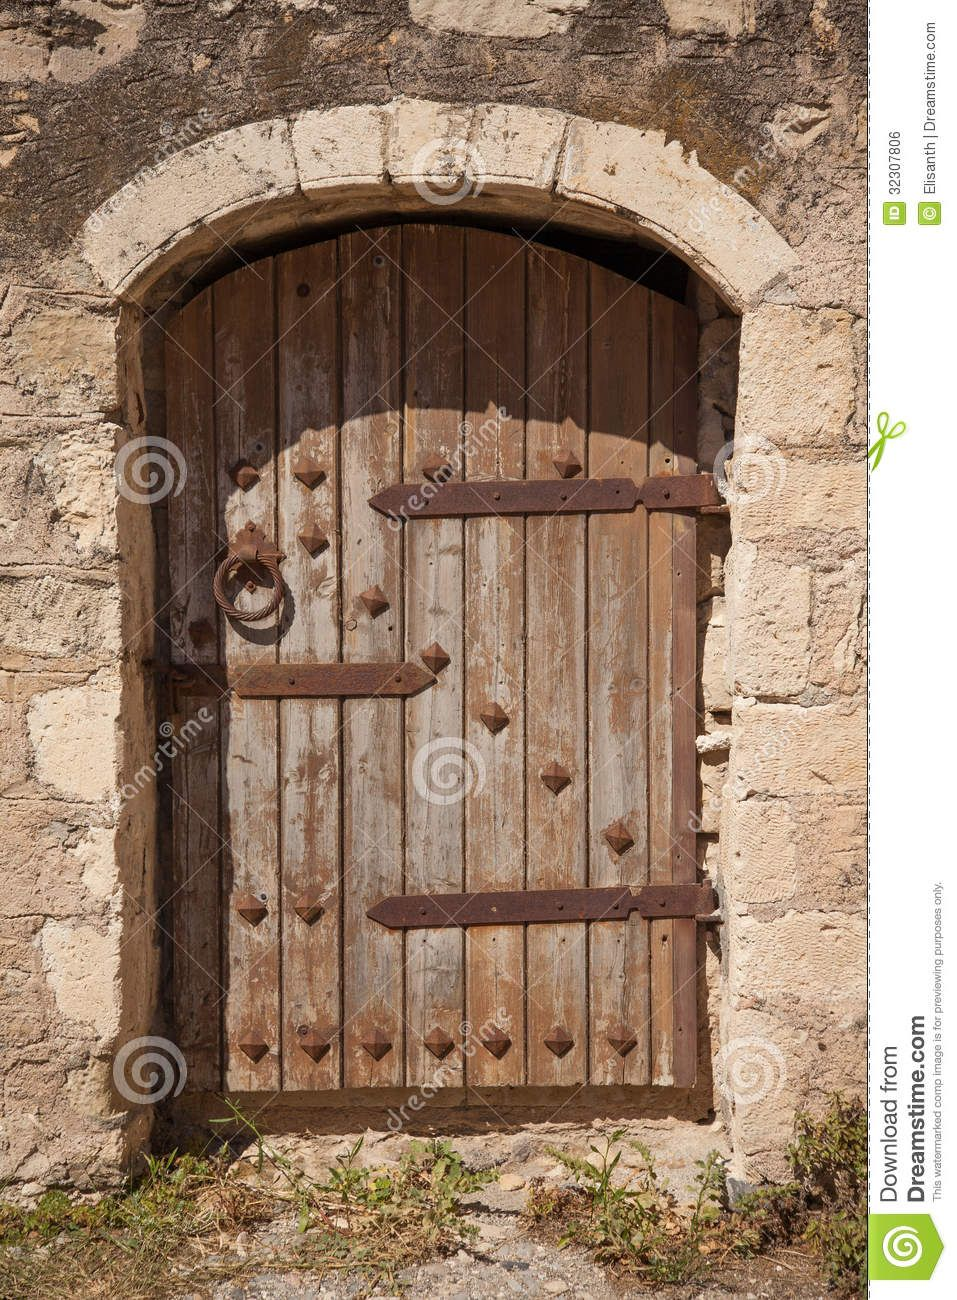 doors_wood_doors_0059_01_preview.jpg (450×600) | home decor | Pinterest |  Doors, Window and Commercial - Doors_wood_doors_0059_01_preview.jpg (450×600) Home Decor